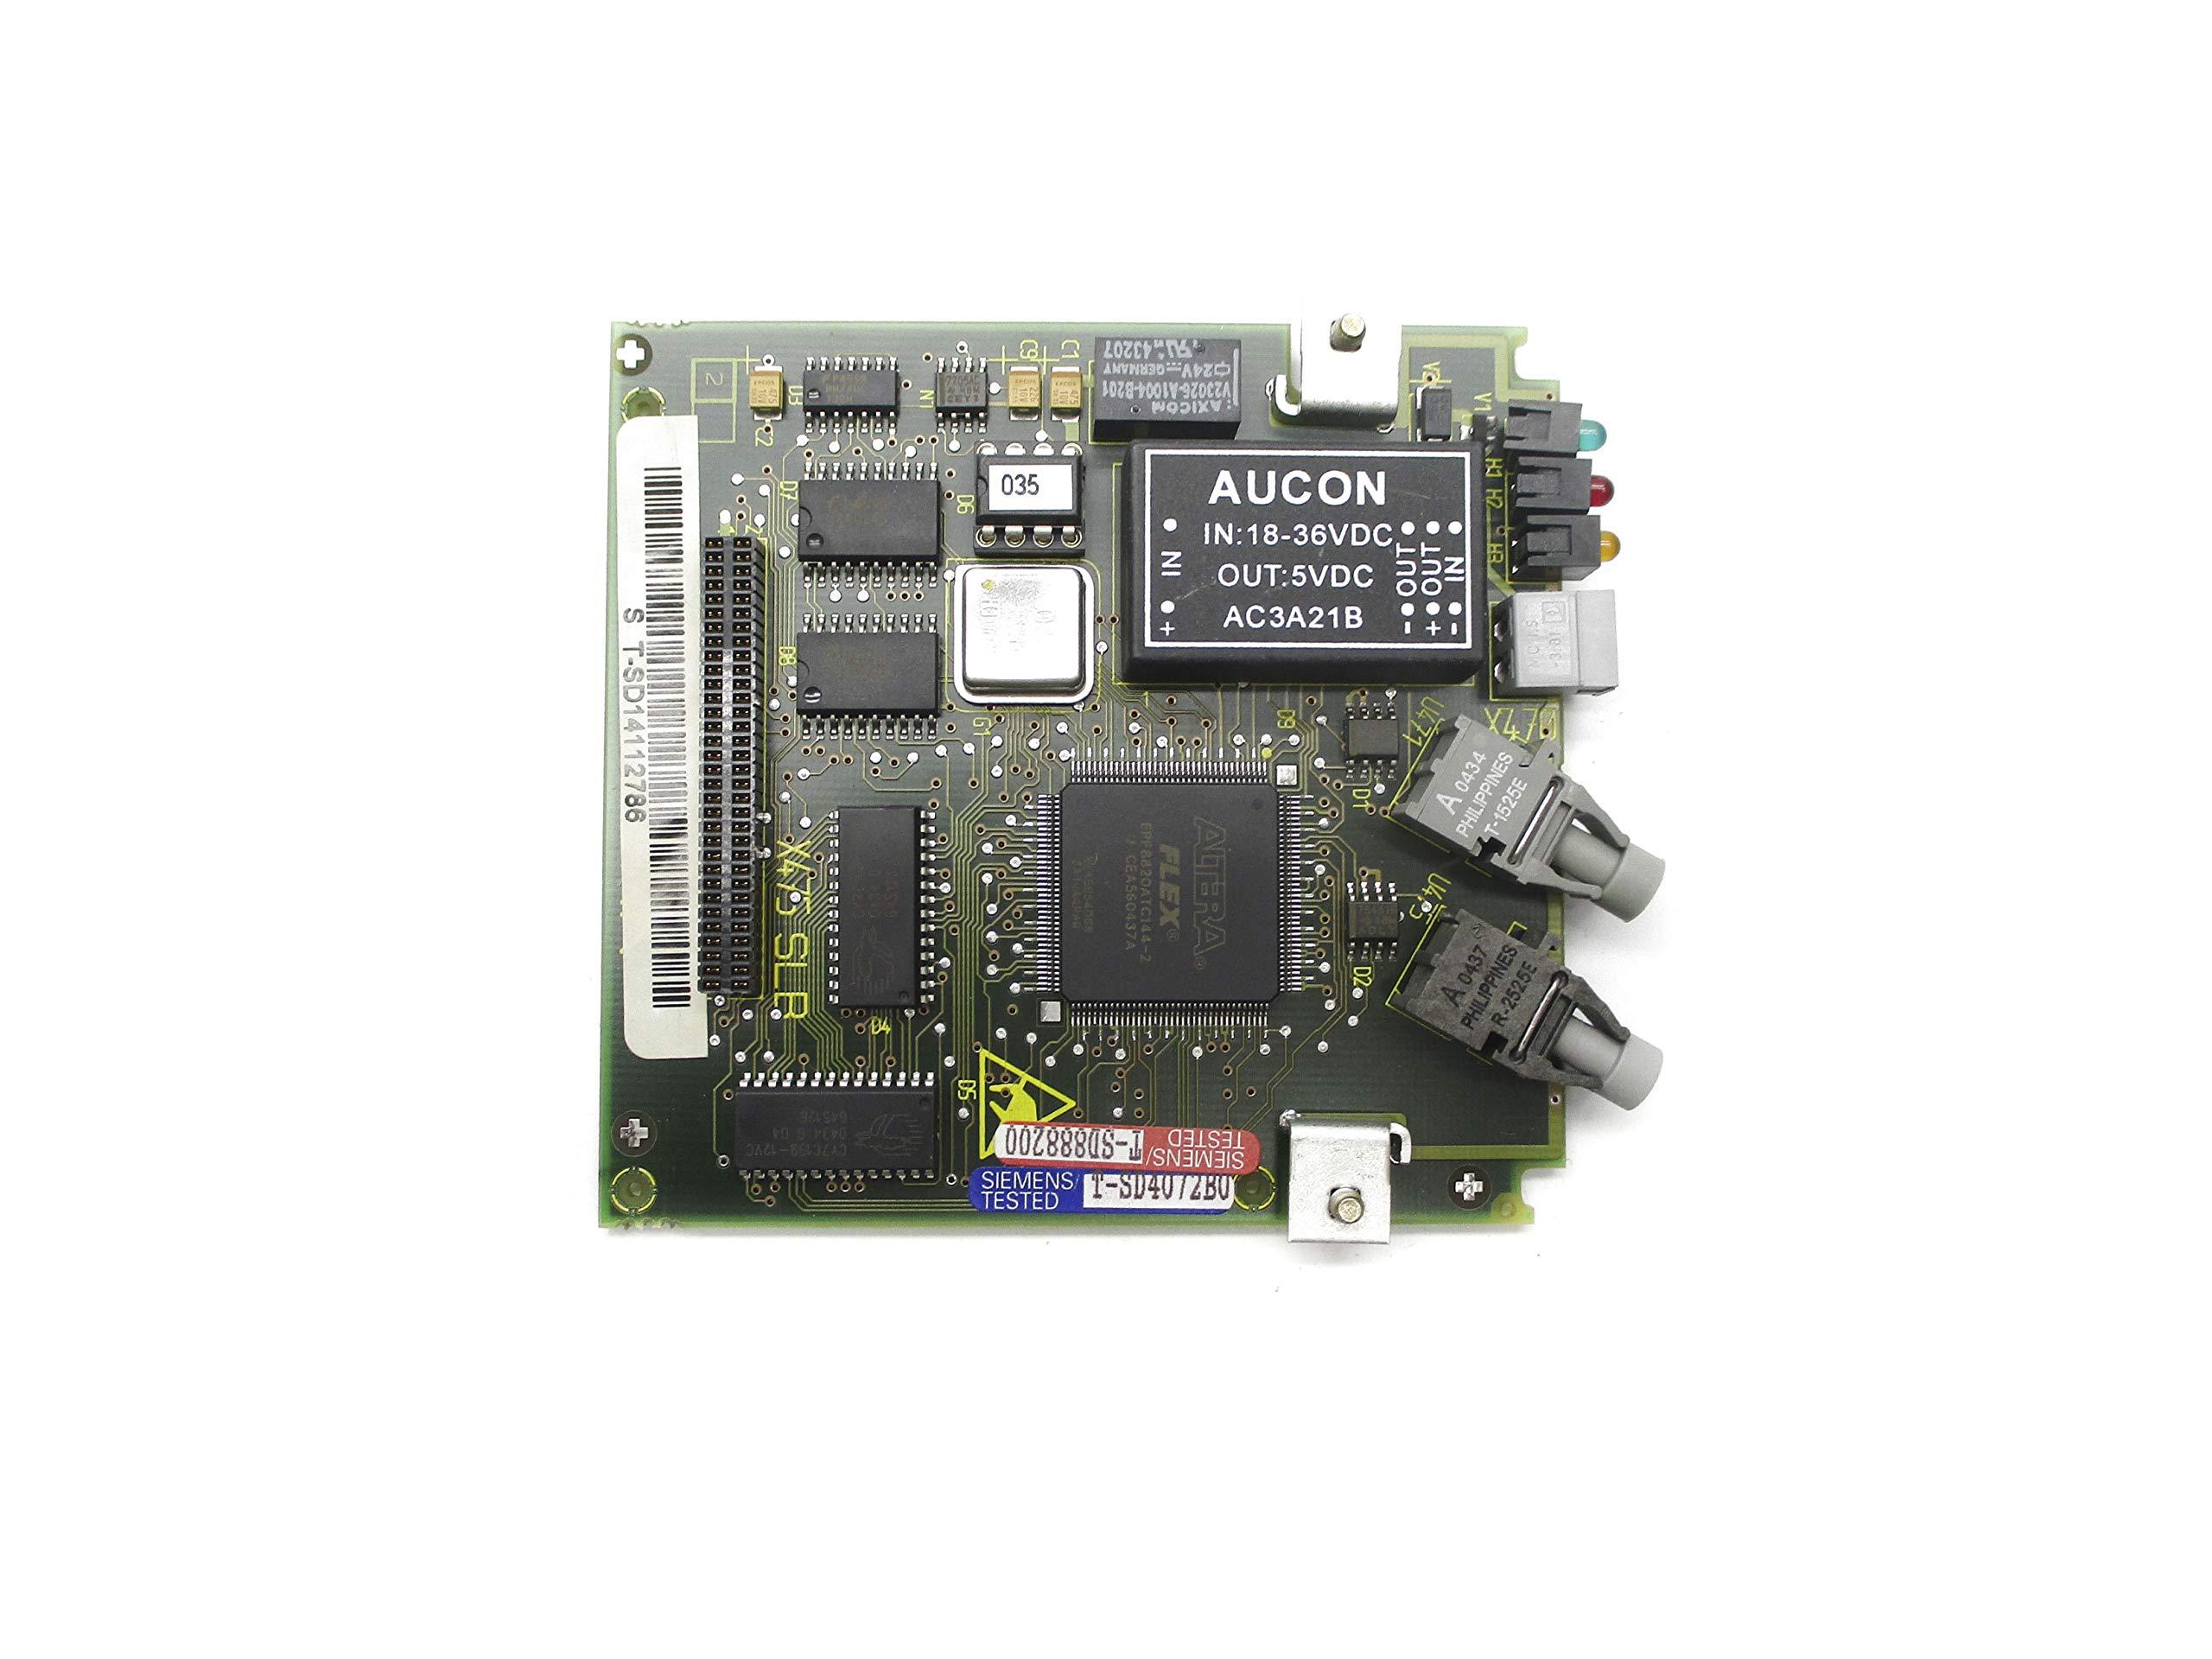 Siemens 6SE7090-0XX84-0FJ0 NSNP by INDUSTRIAL MRO